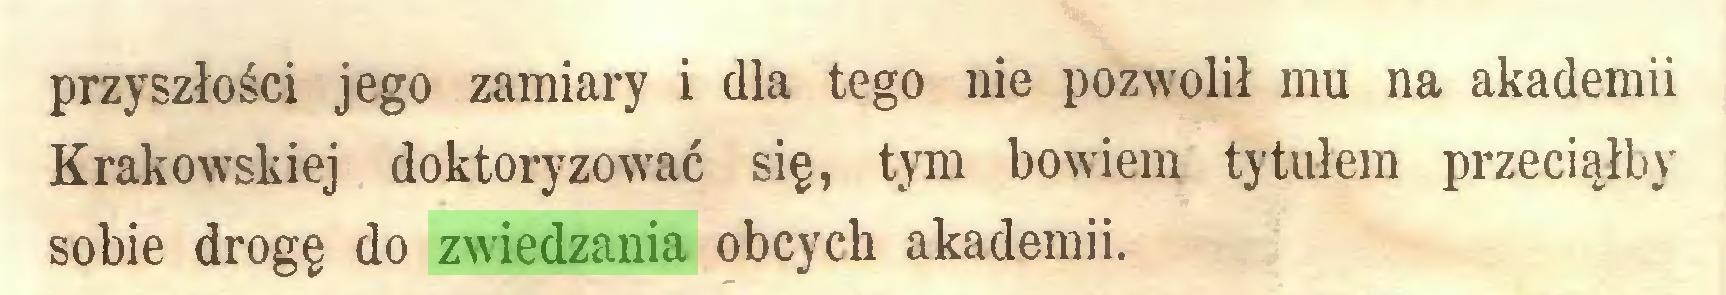 (...) przyszłości jego zamiary i dla tego nie pozwolił mu na akademii Krakowskiej doktoryzować się, tym bowiem tytułem przeciąłby sobie drogę do zwiedzania obcych akademii...